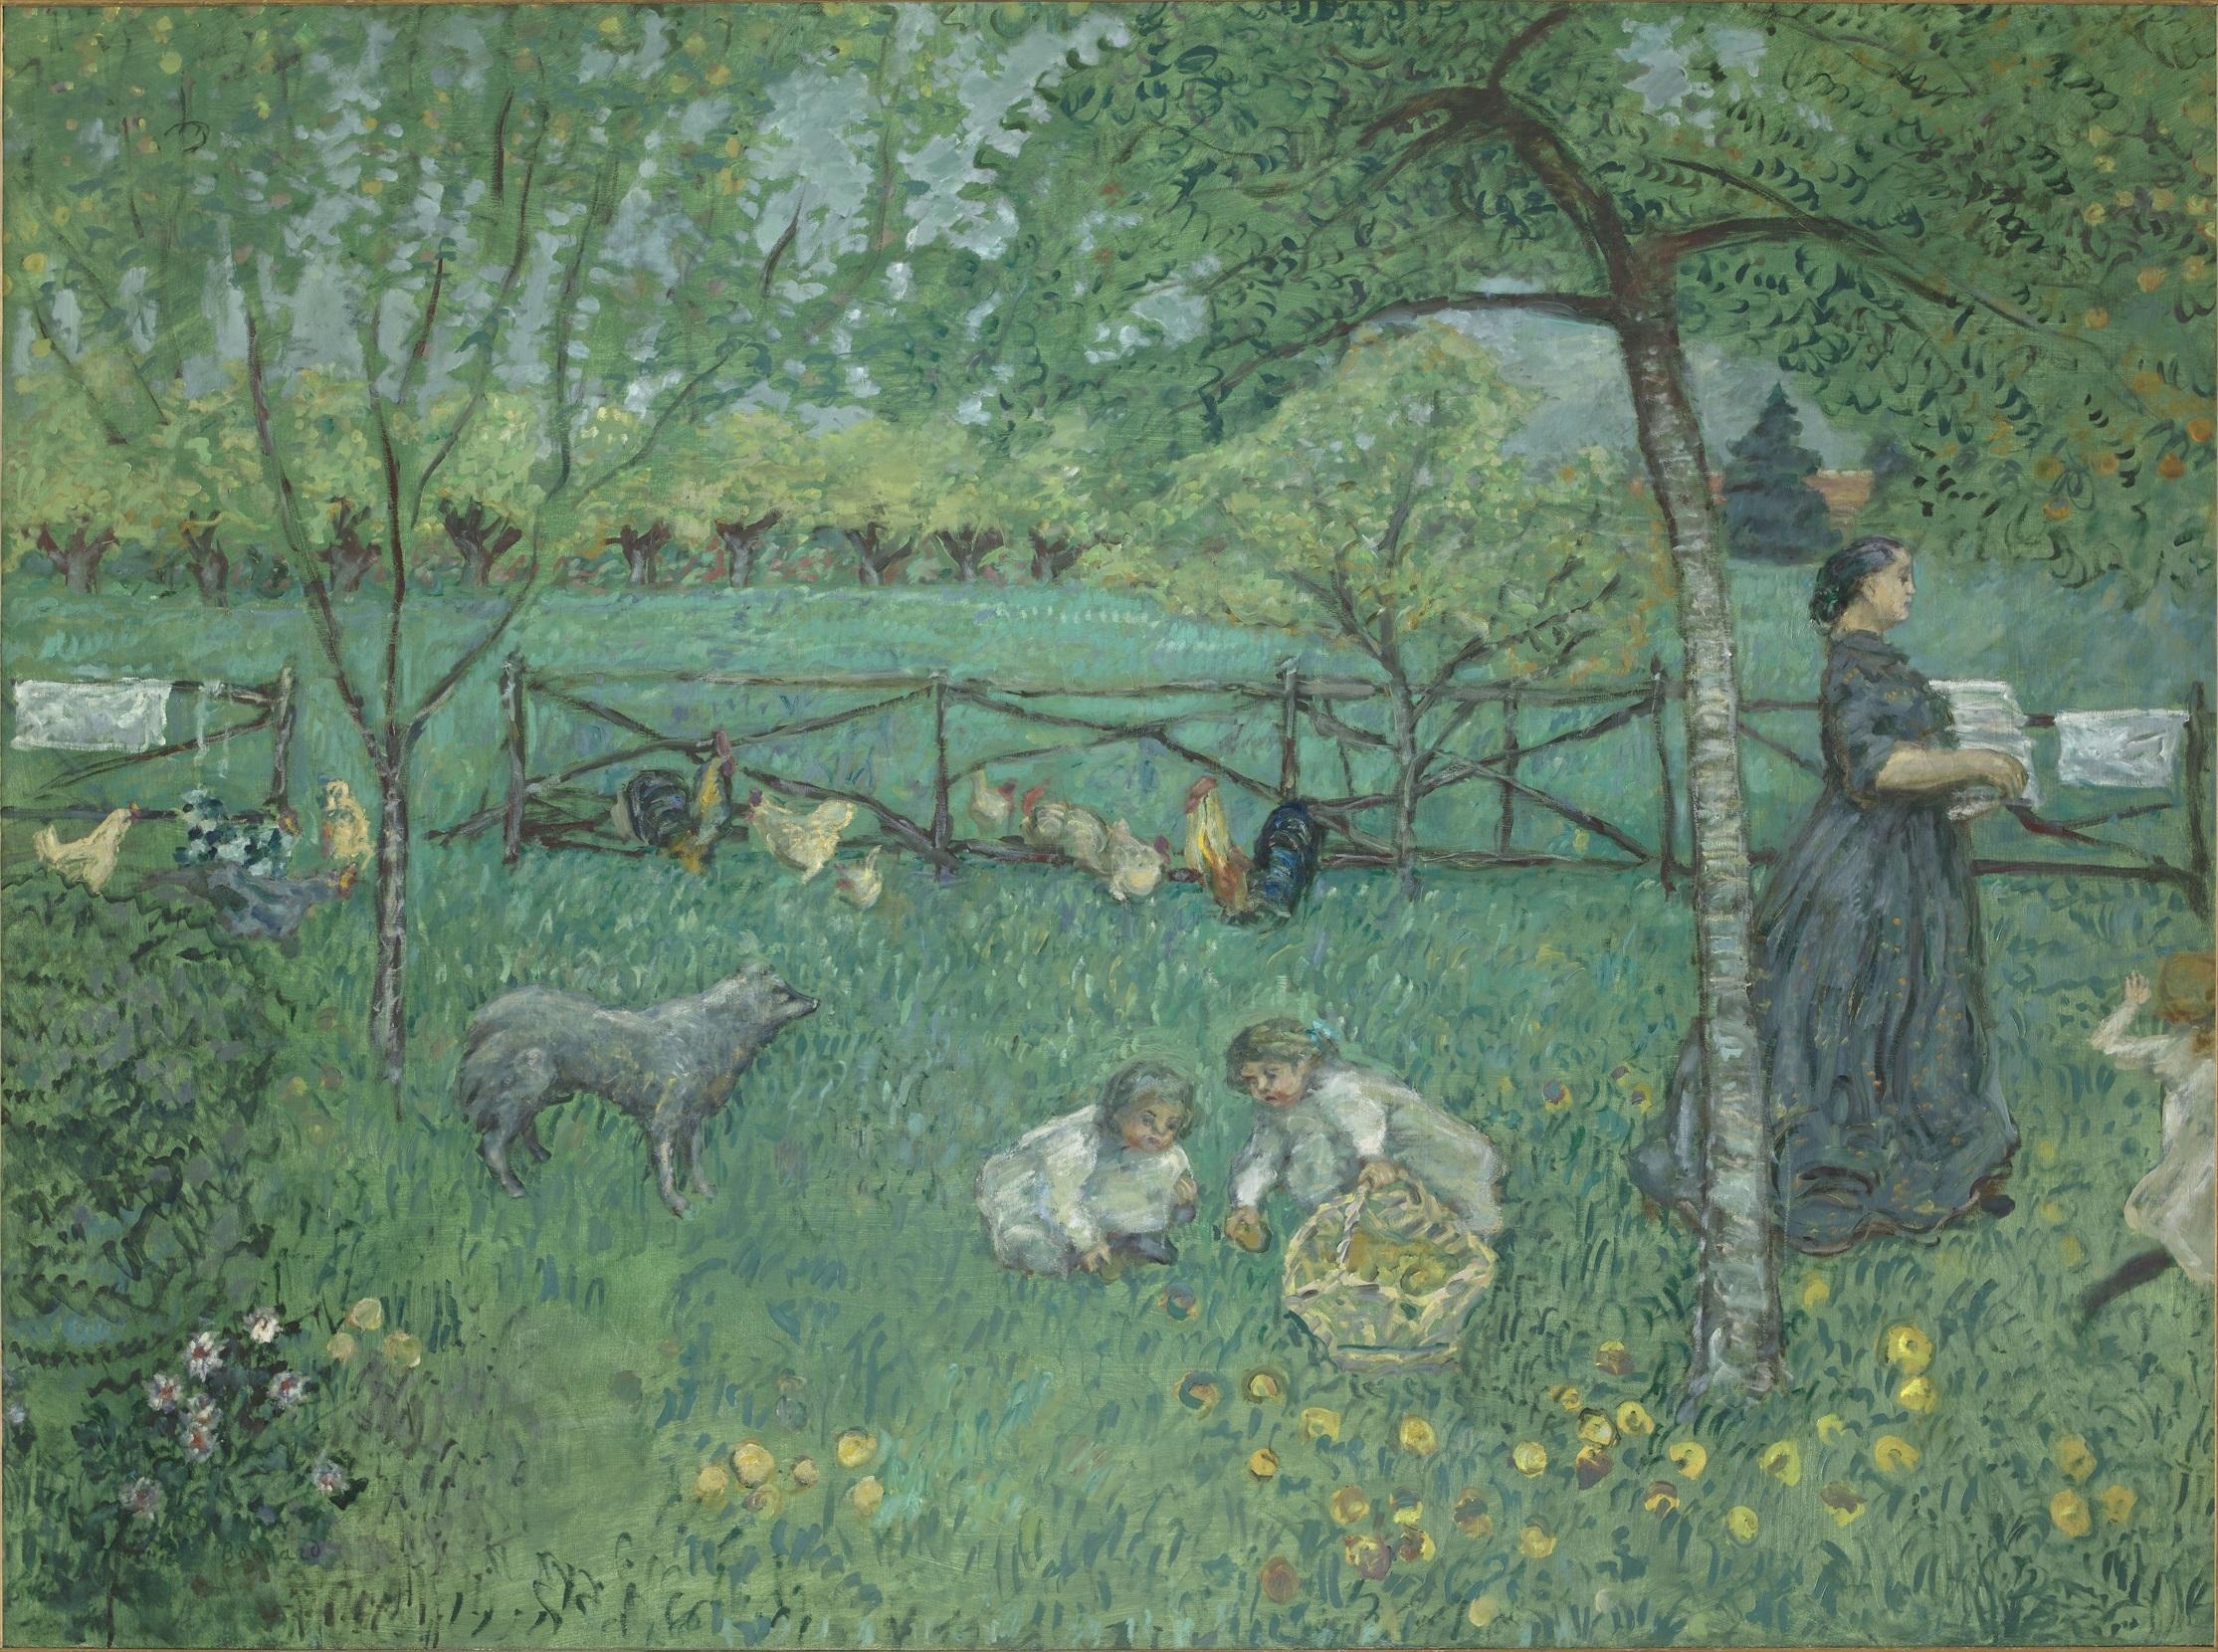 ピエール・ボナール《大きな庭》1895年 油彩、カンヴァス 168×221 cm オルセー美術館